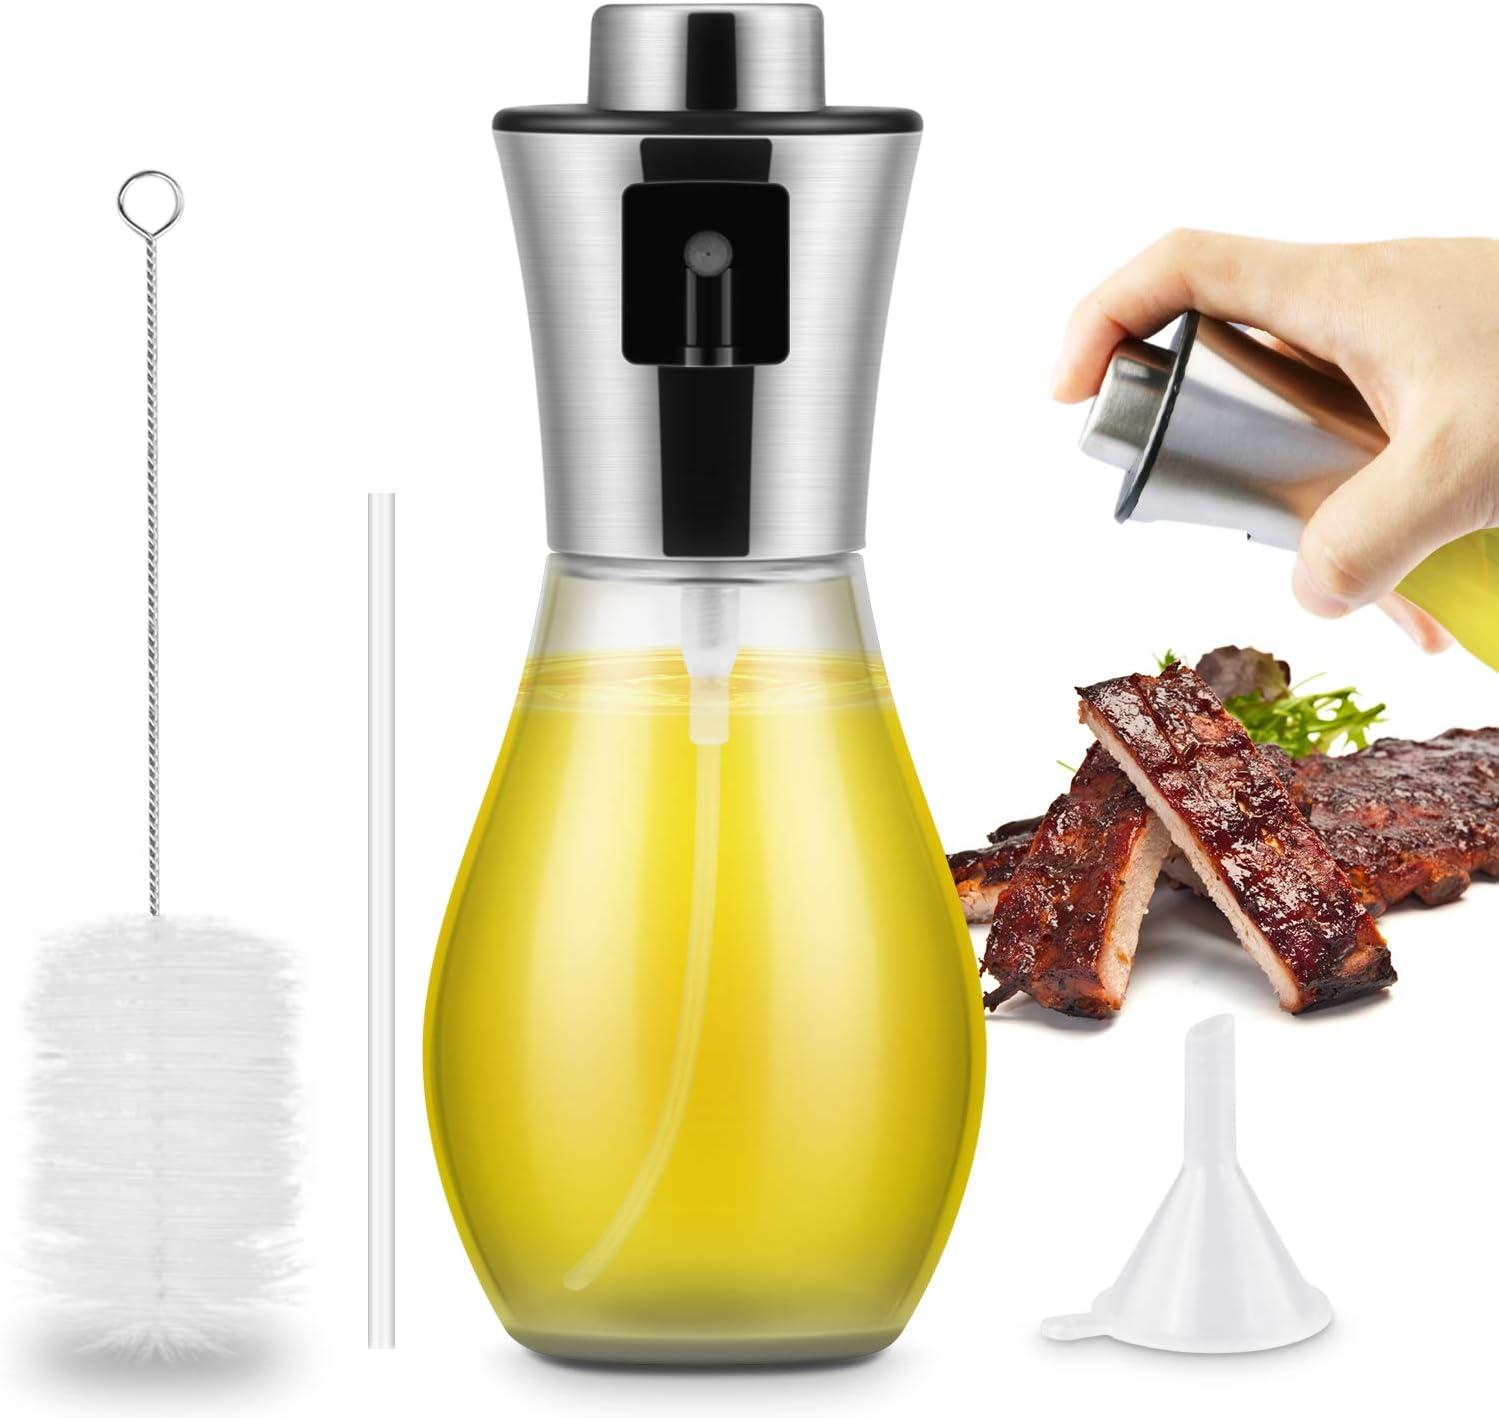 Pulverizador Pulverizador Spray Oliva Aceite, 200 ml Pulverizador Aceite Botella de Vidrio de Aceite\Vinagre